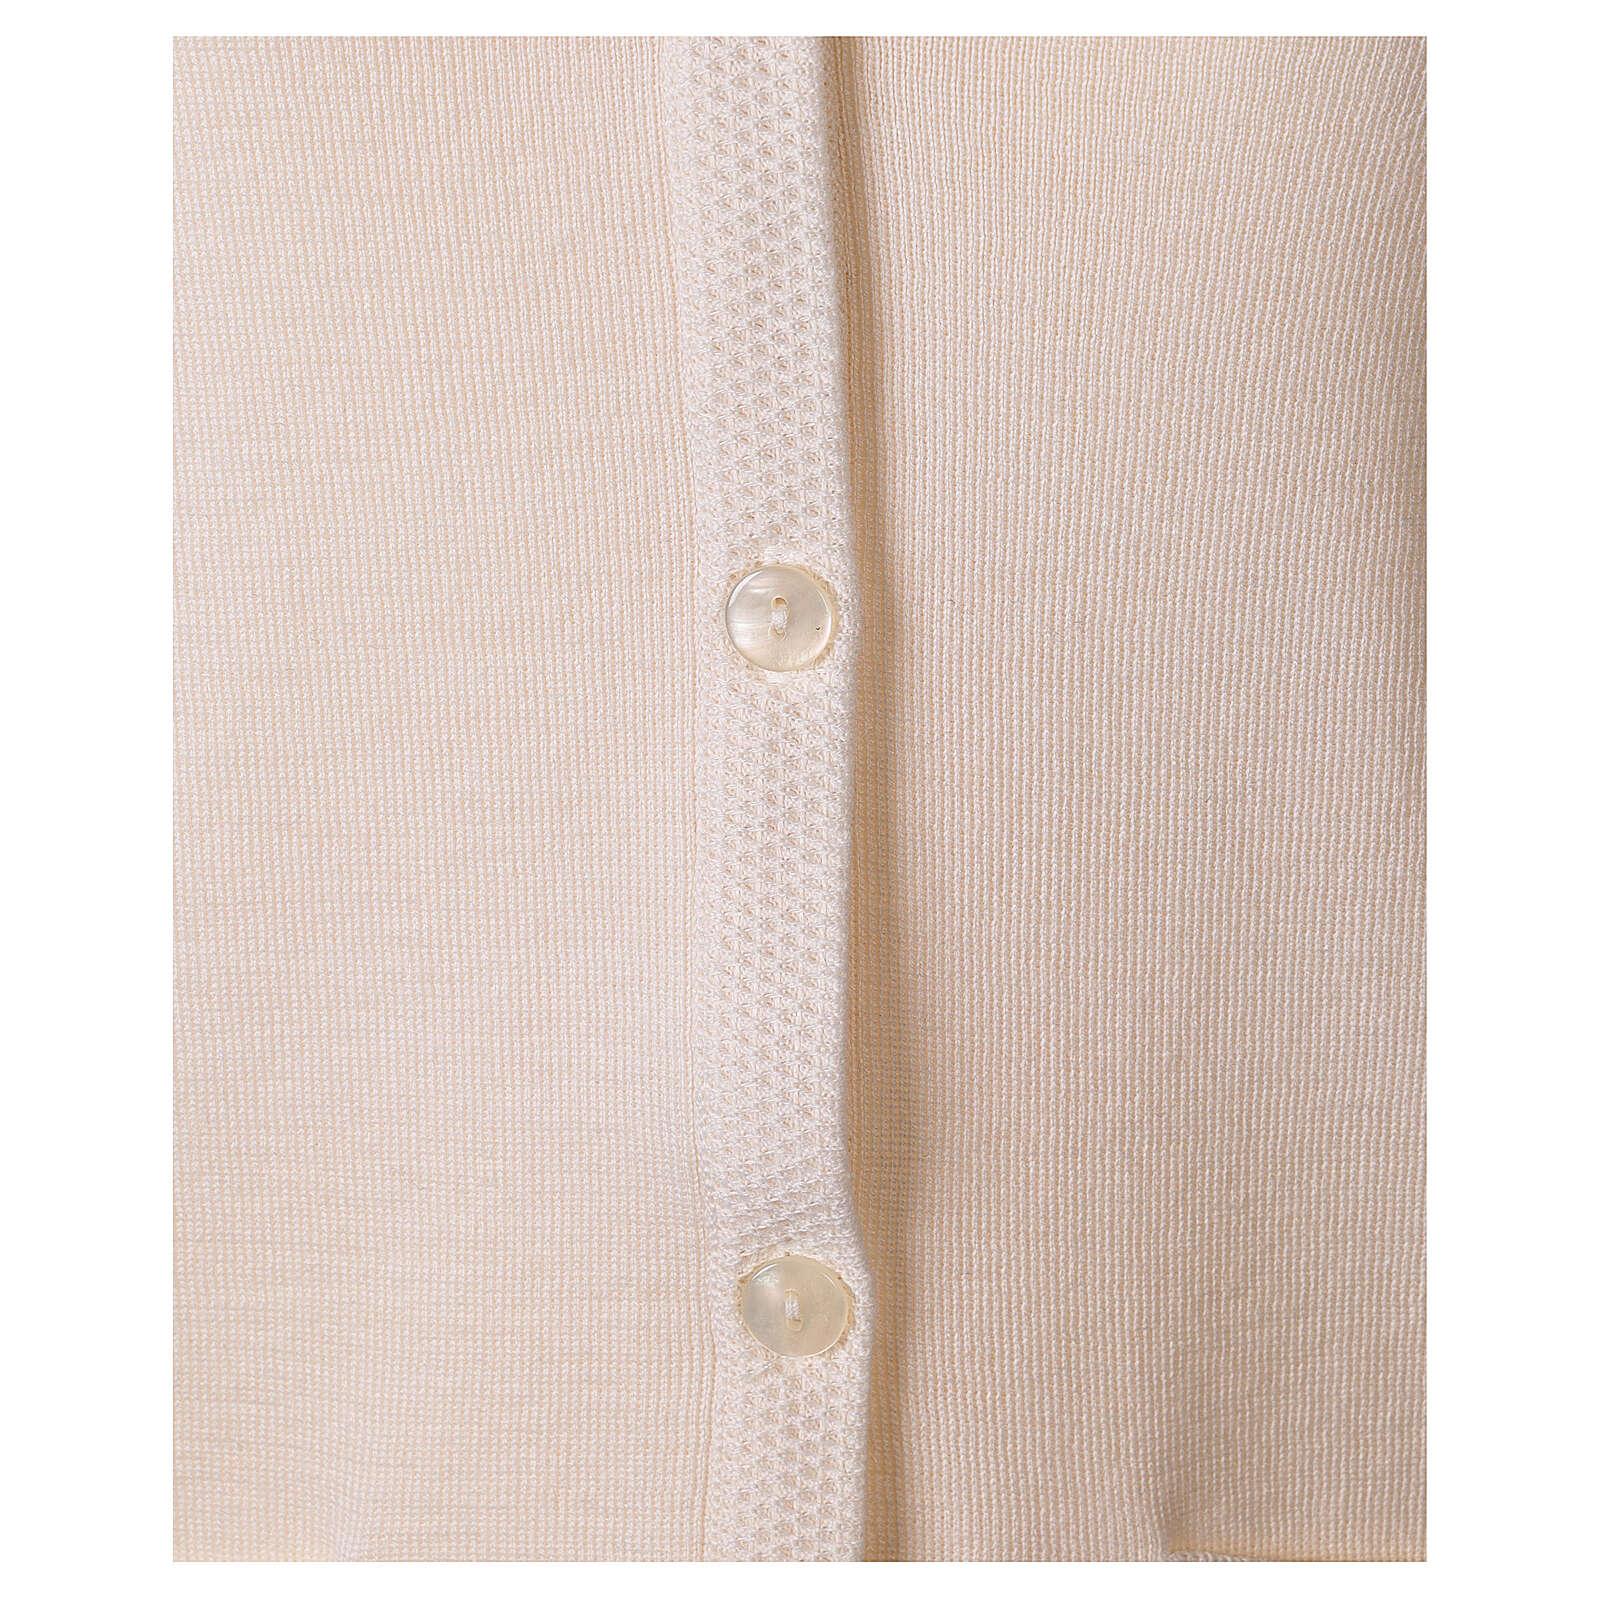 Damen-Weste, weiß, mit Taschen und V-Ausschnitt, 50% Acryl - 50% Merinowolle, In Primis 4